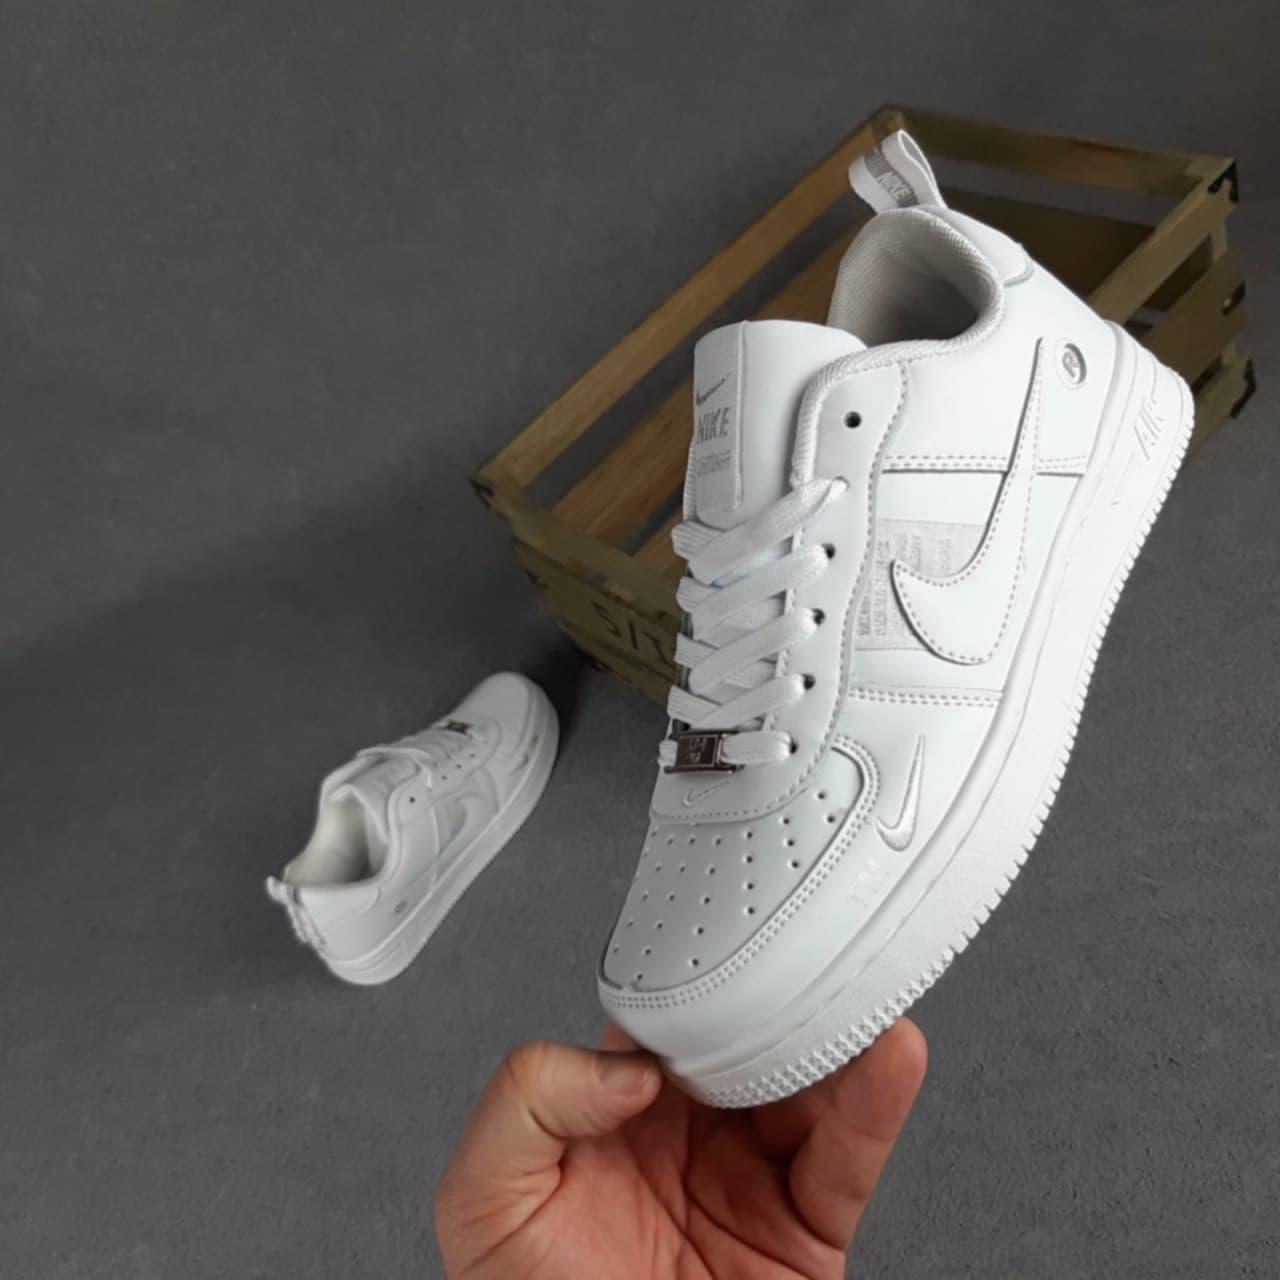 Жіночі кросівки Nike Air Force 1 LV8 (білі) O20318 спортивні стильні кроси